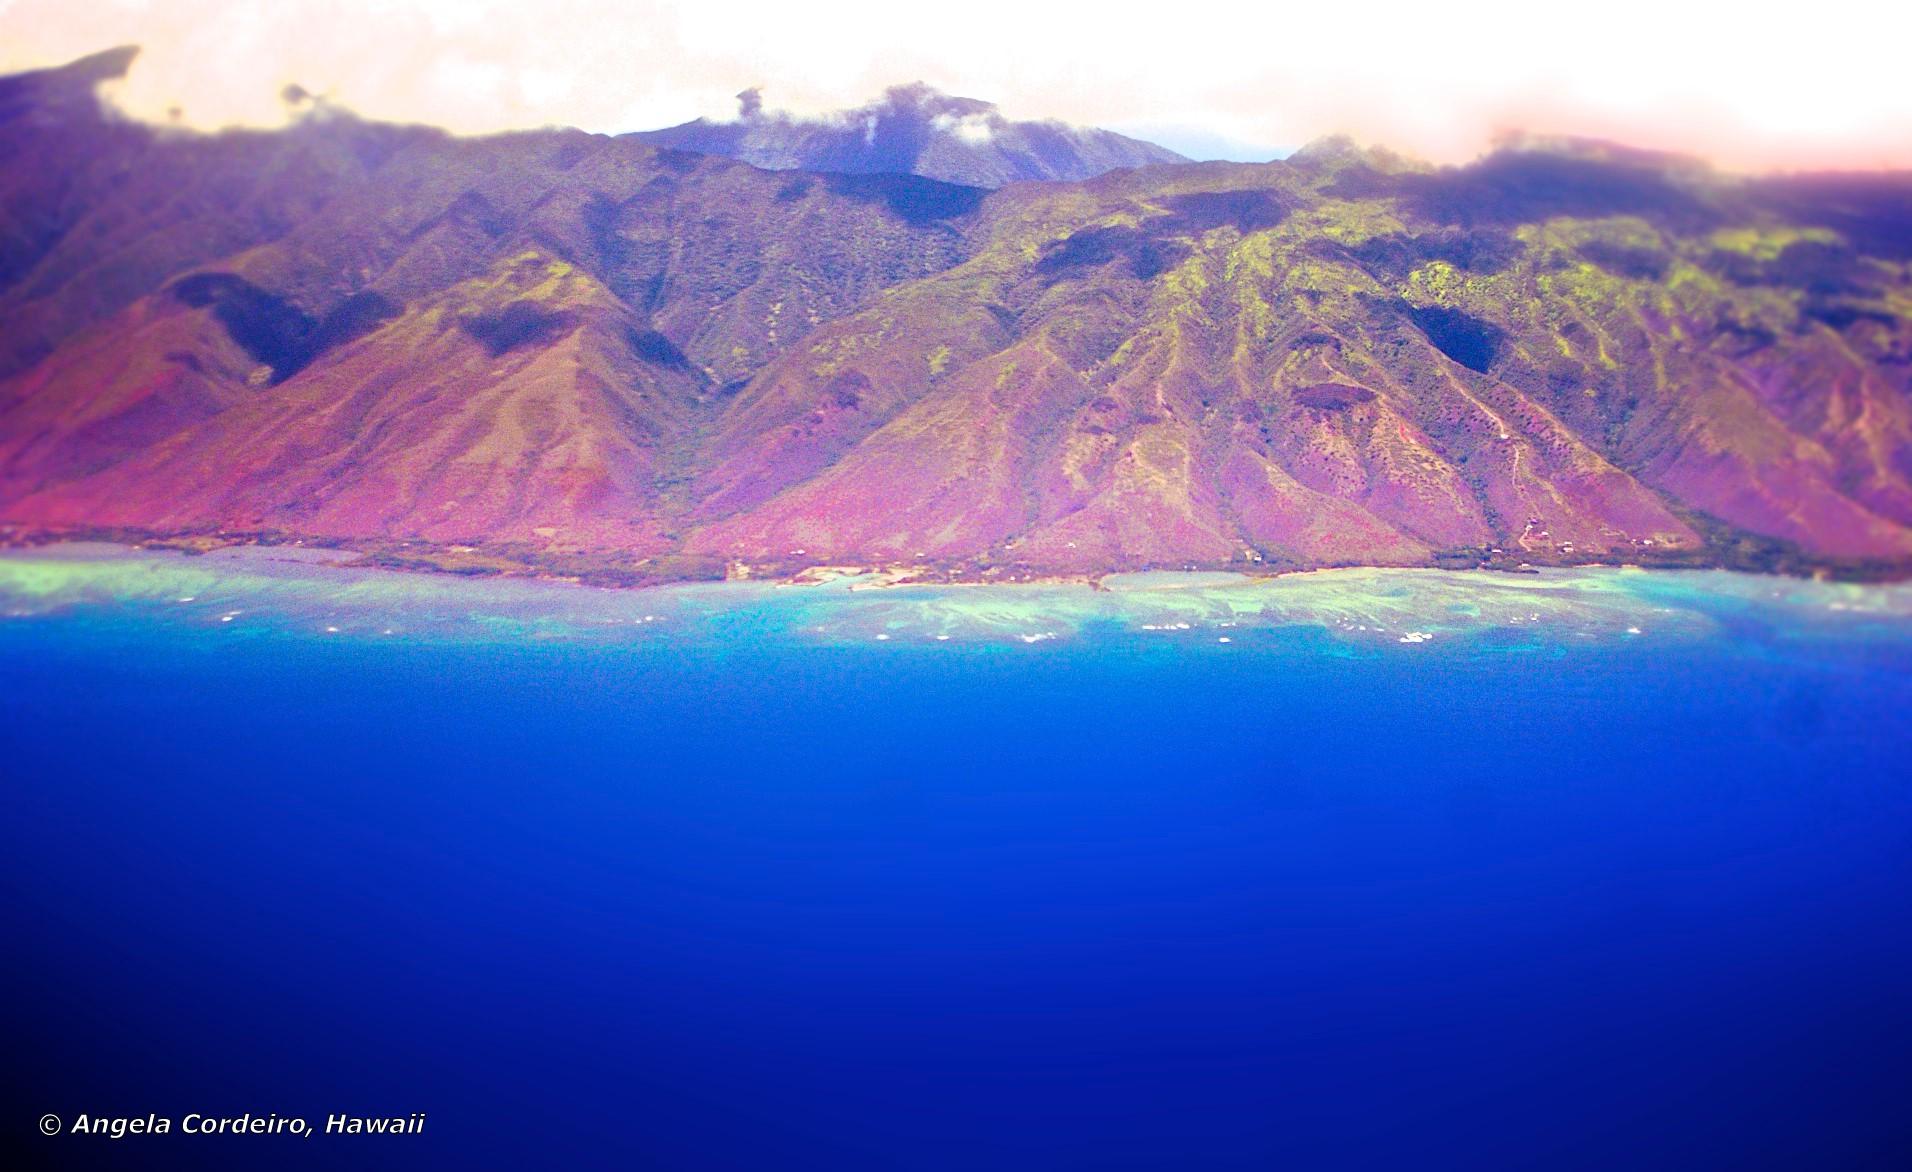 Molokai - © Angela Cordeiro